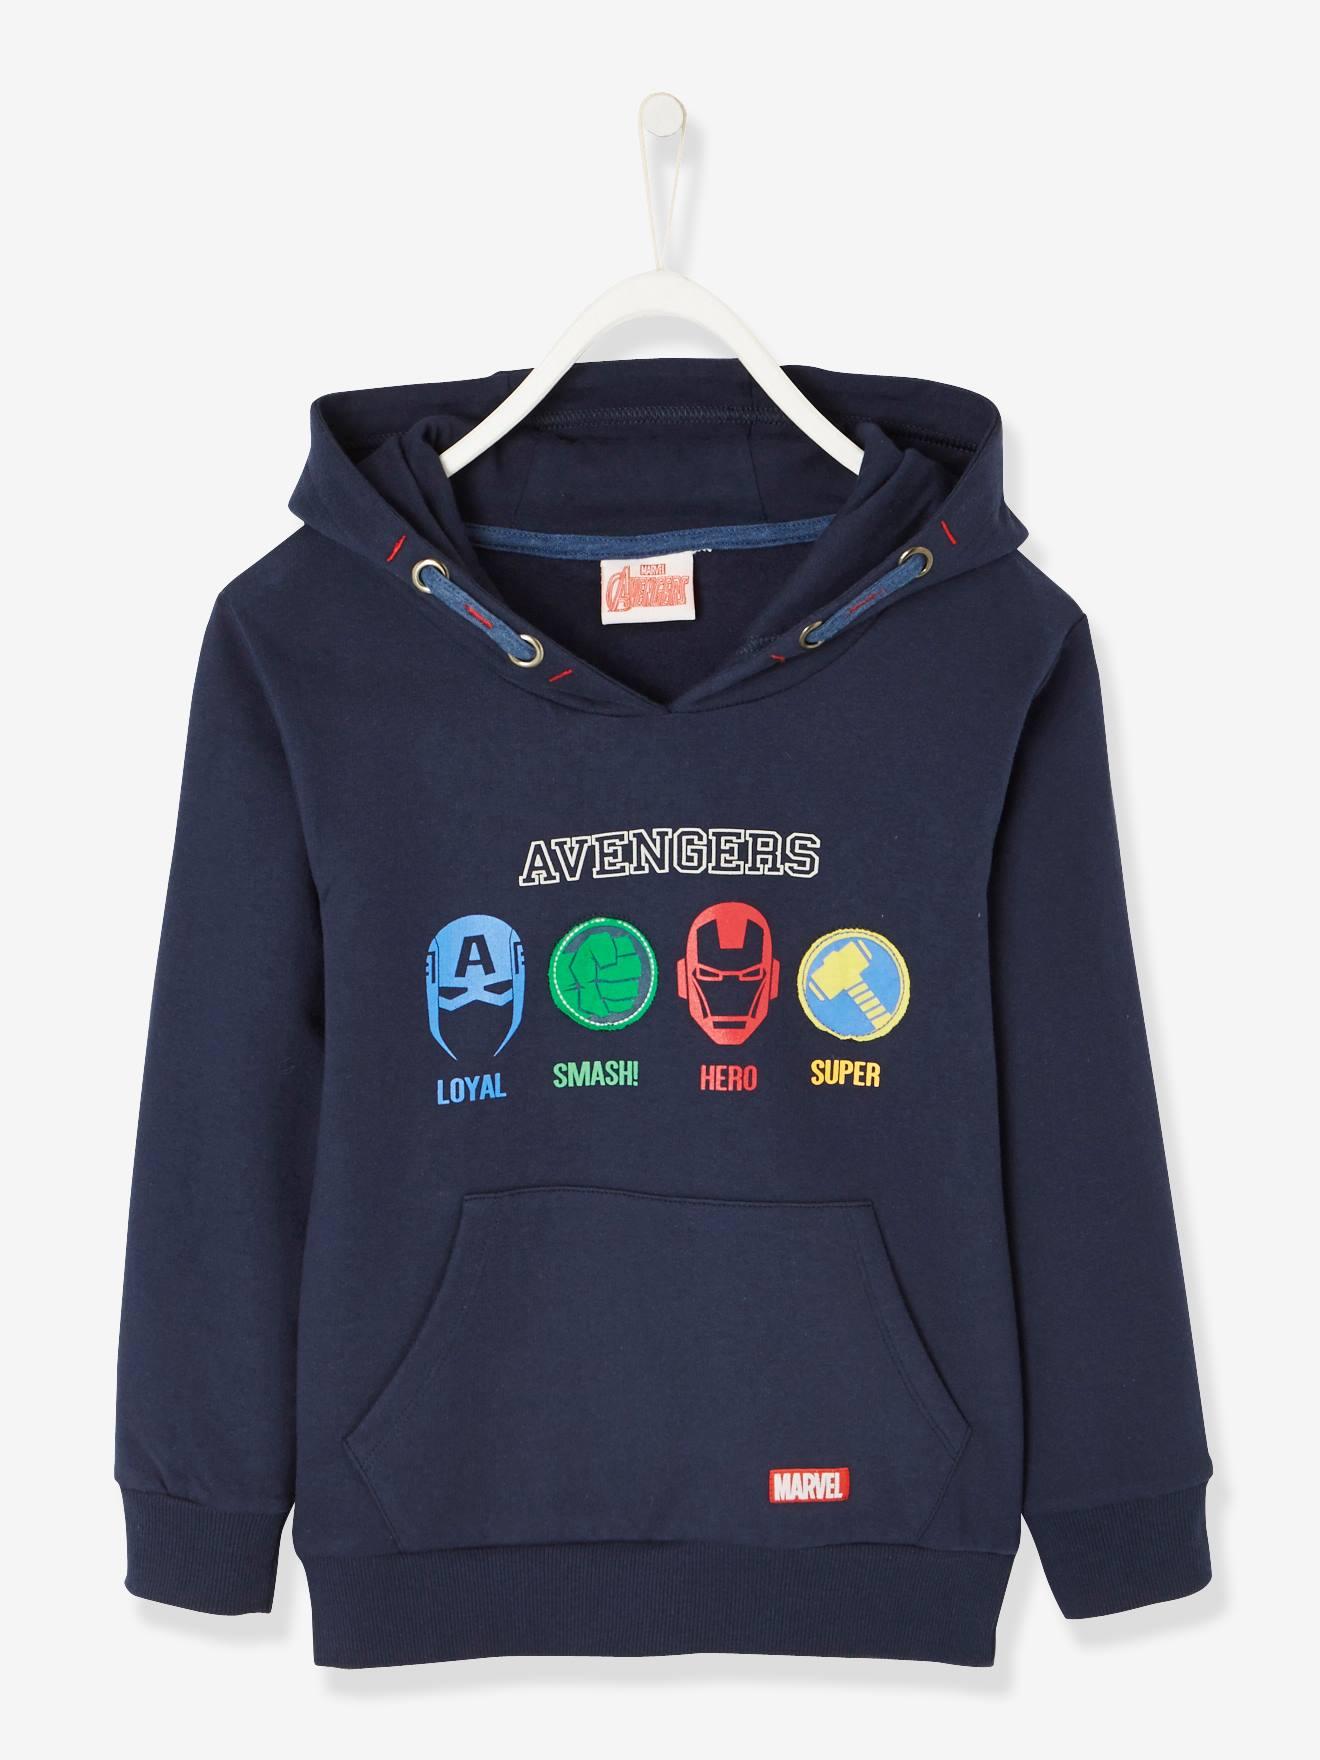 Garçon Pour Enfants Mode Vêtements Vertbaudet Avengers Porter À Prêt  pfqdqYxwz 88b2cd6584c